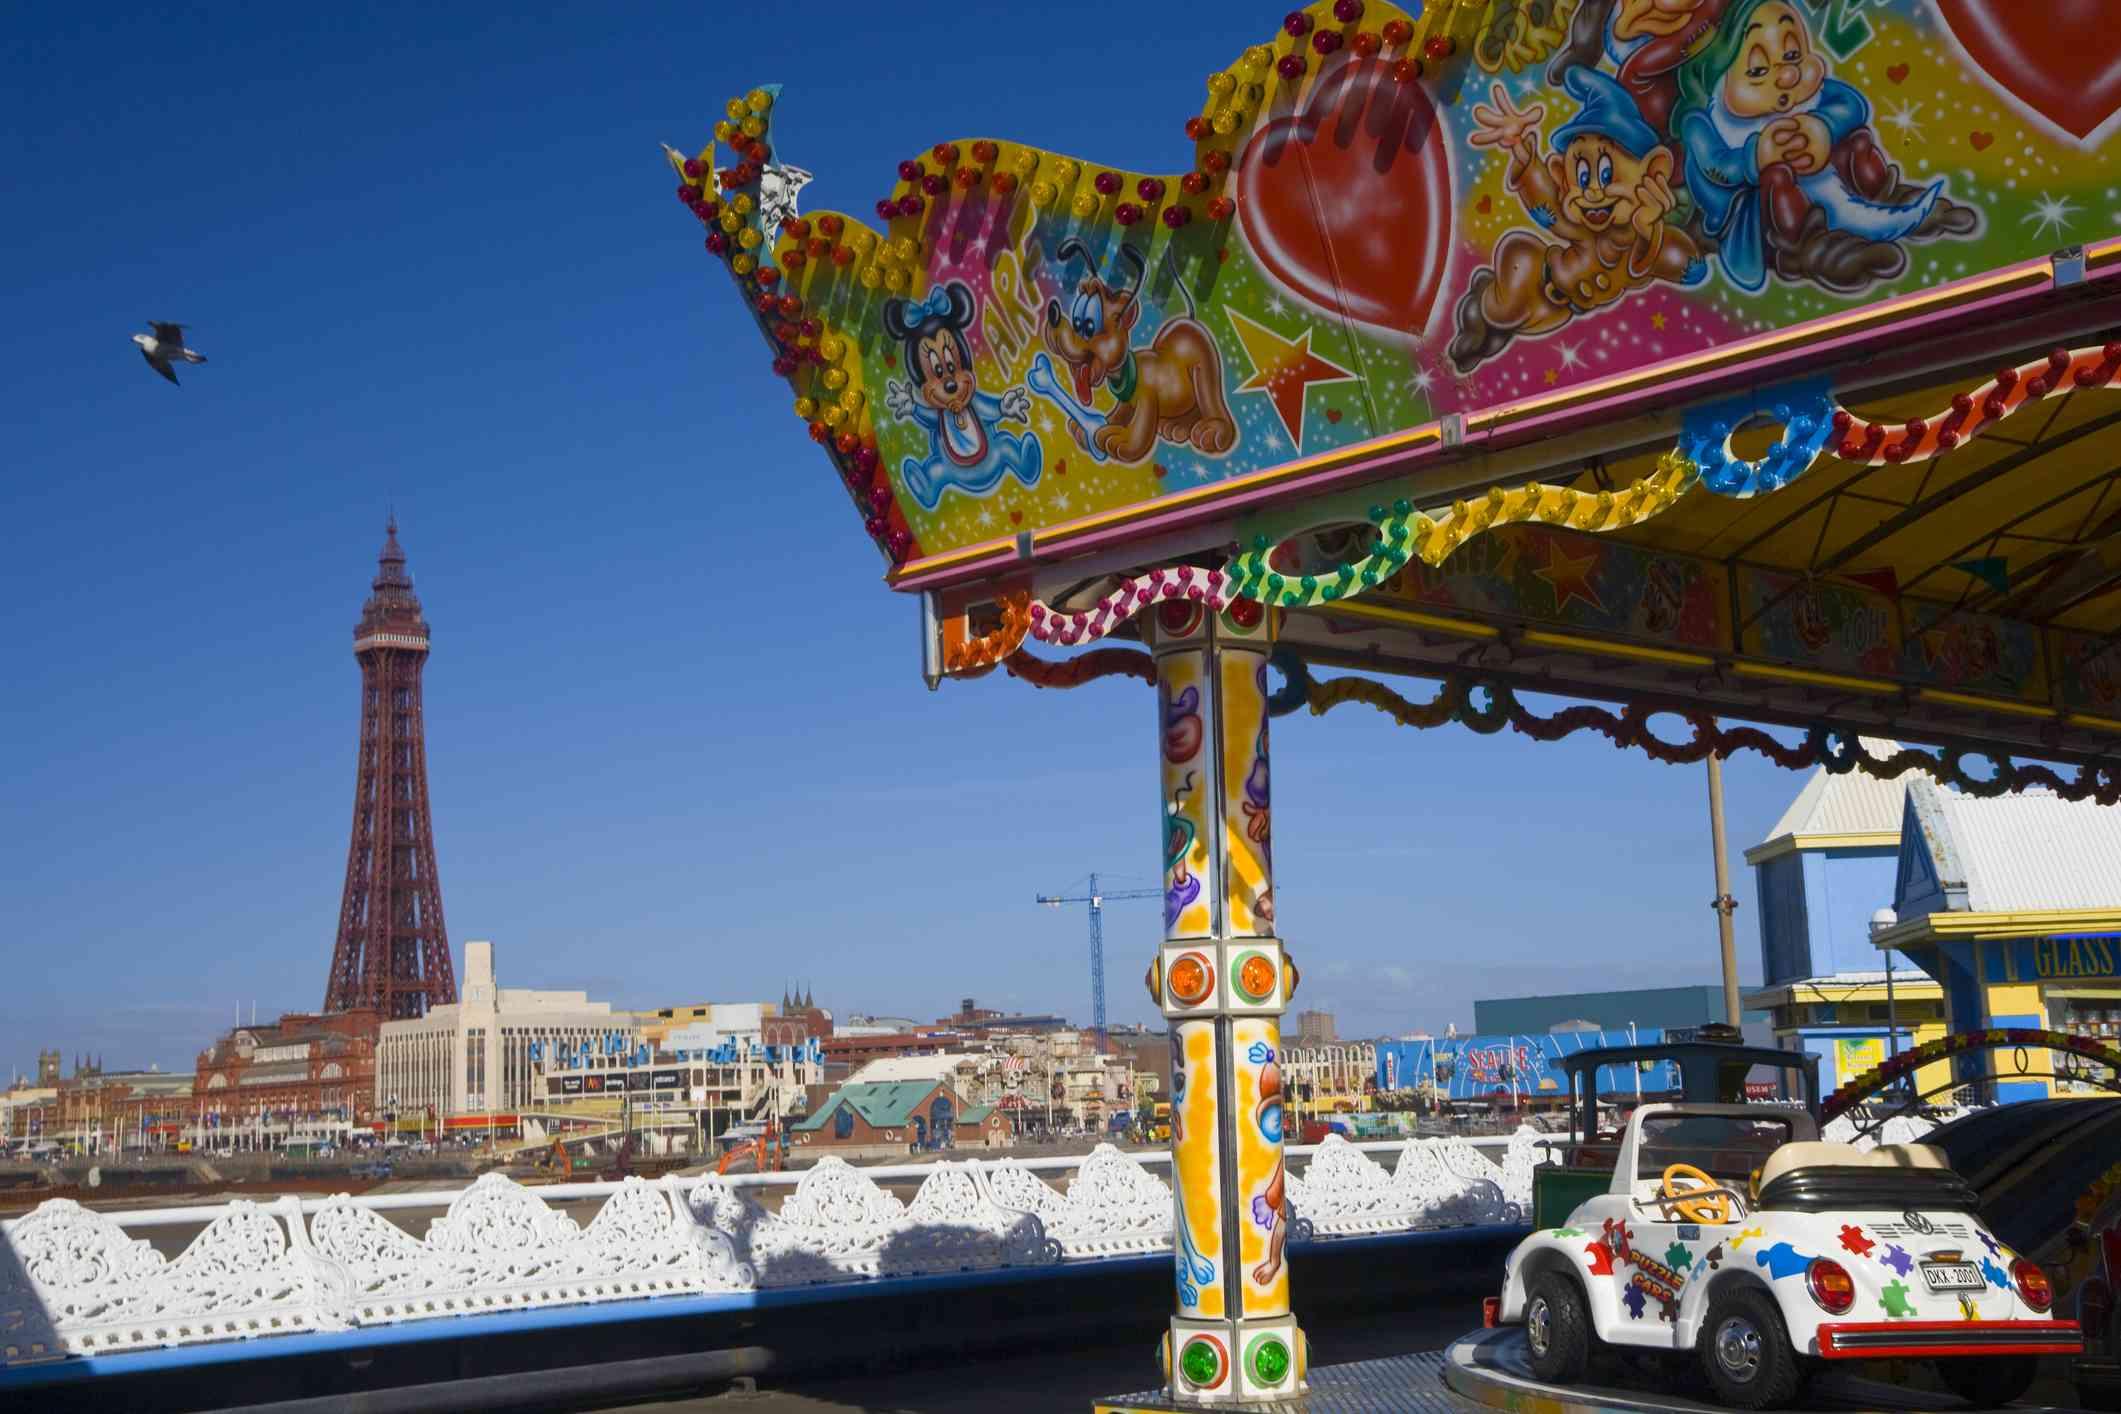 Blackpool Pleasure Beach in Blackpool, England